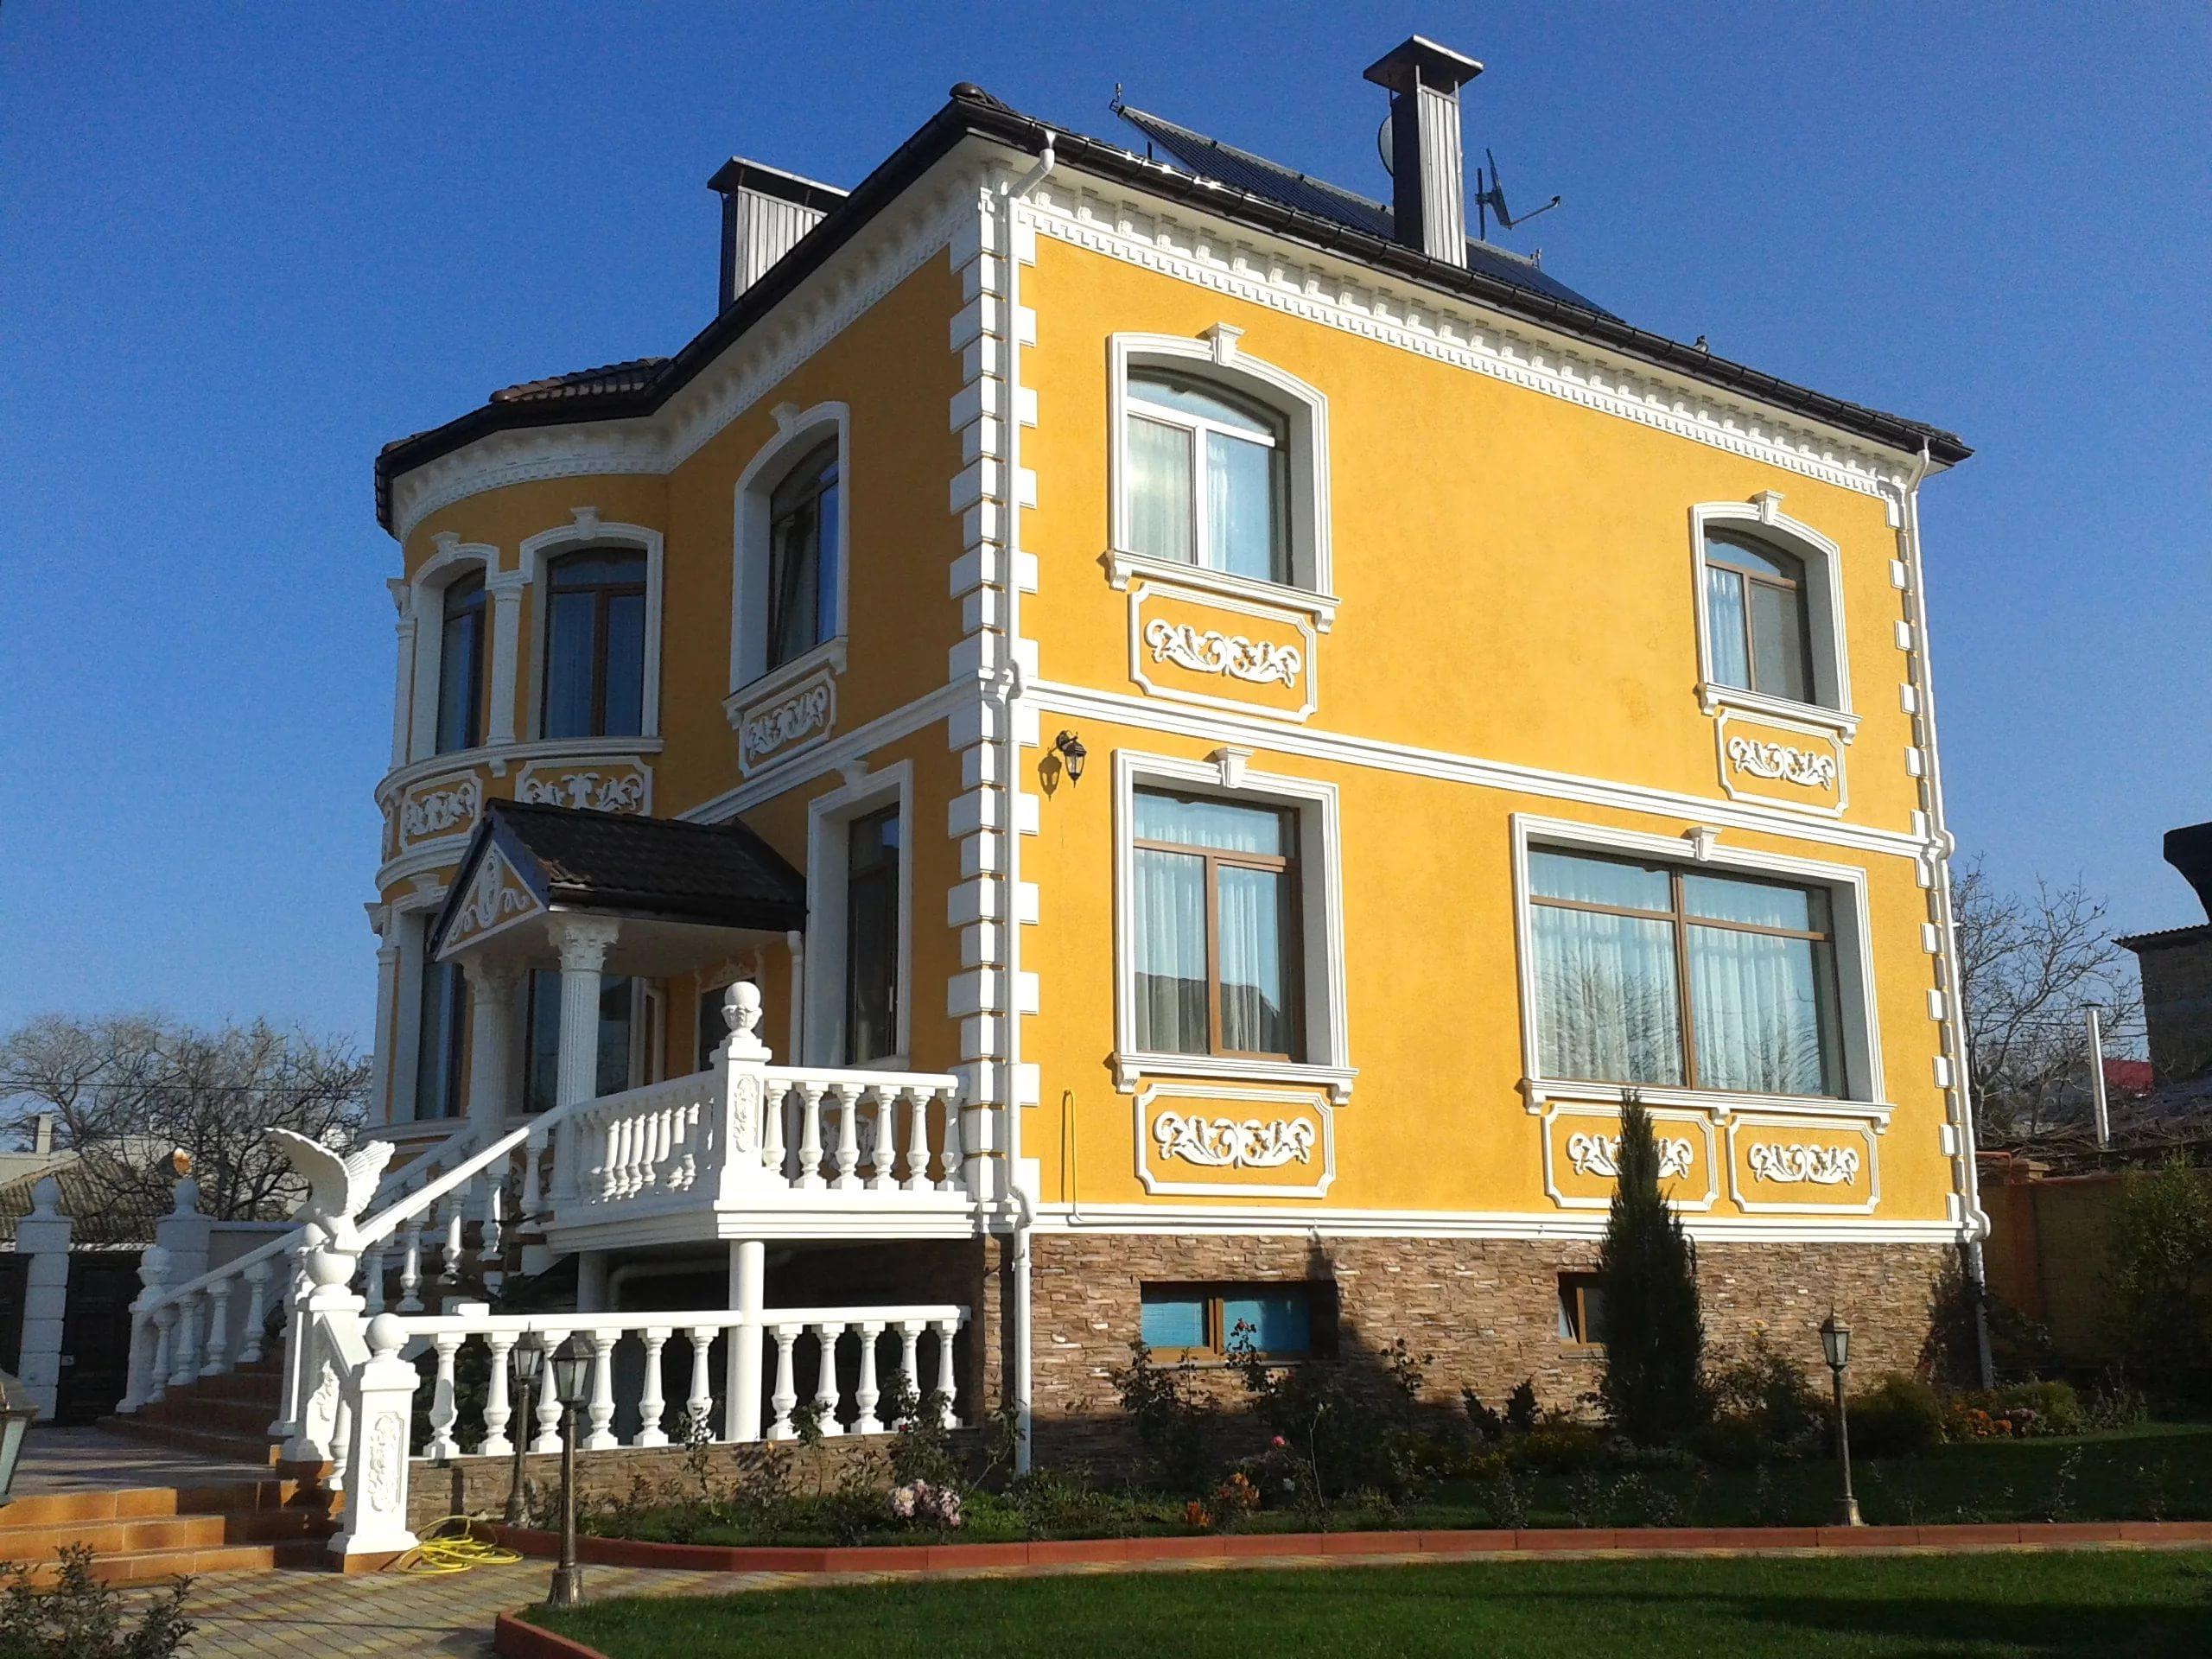 Colori Per Facciate Case facciate di case in vari stili (66 foto): stili classici